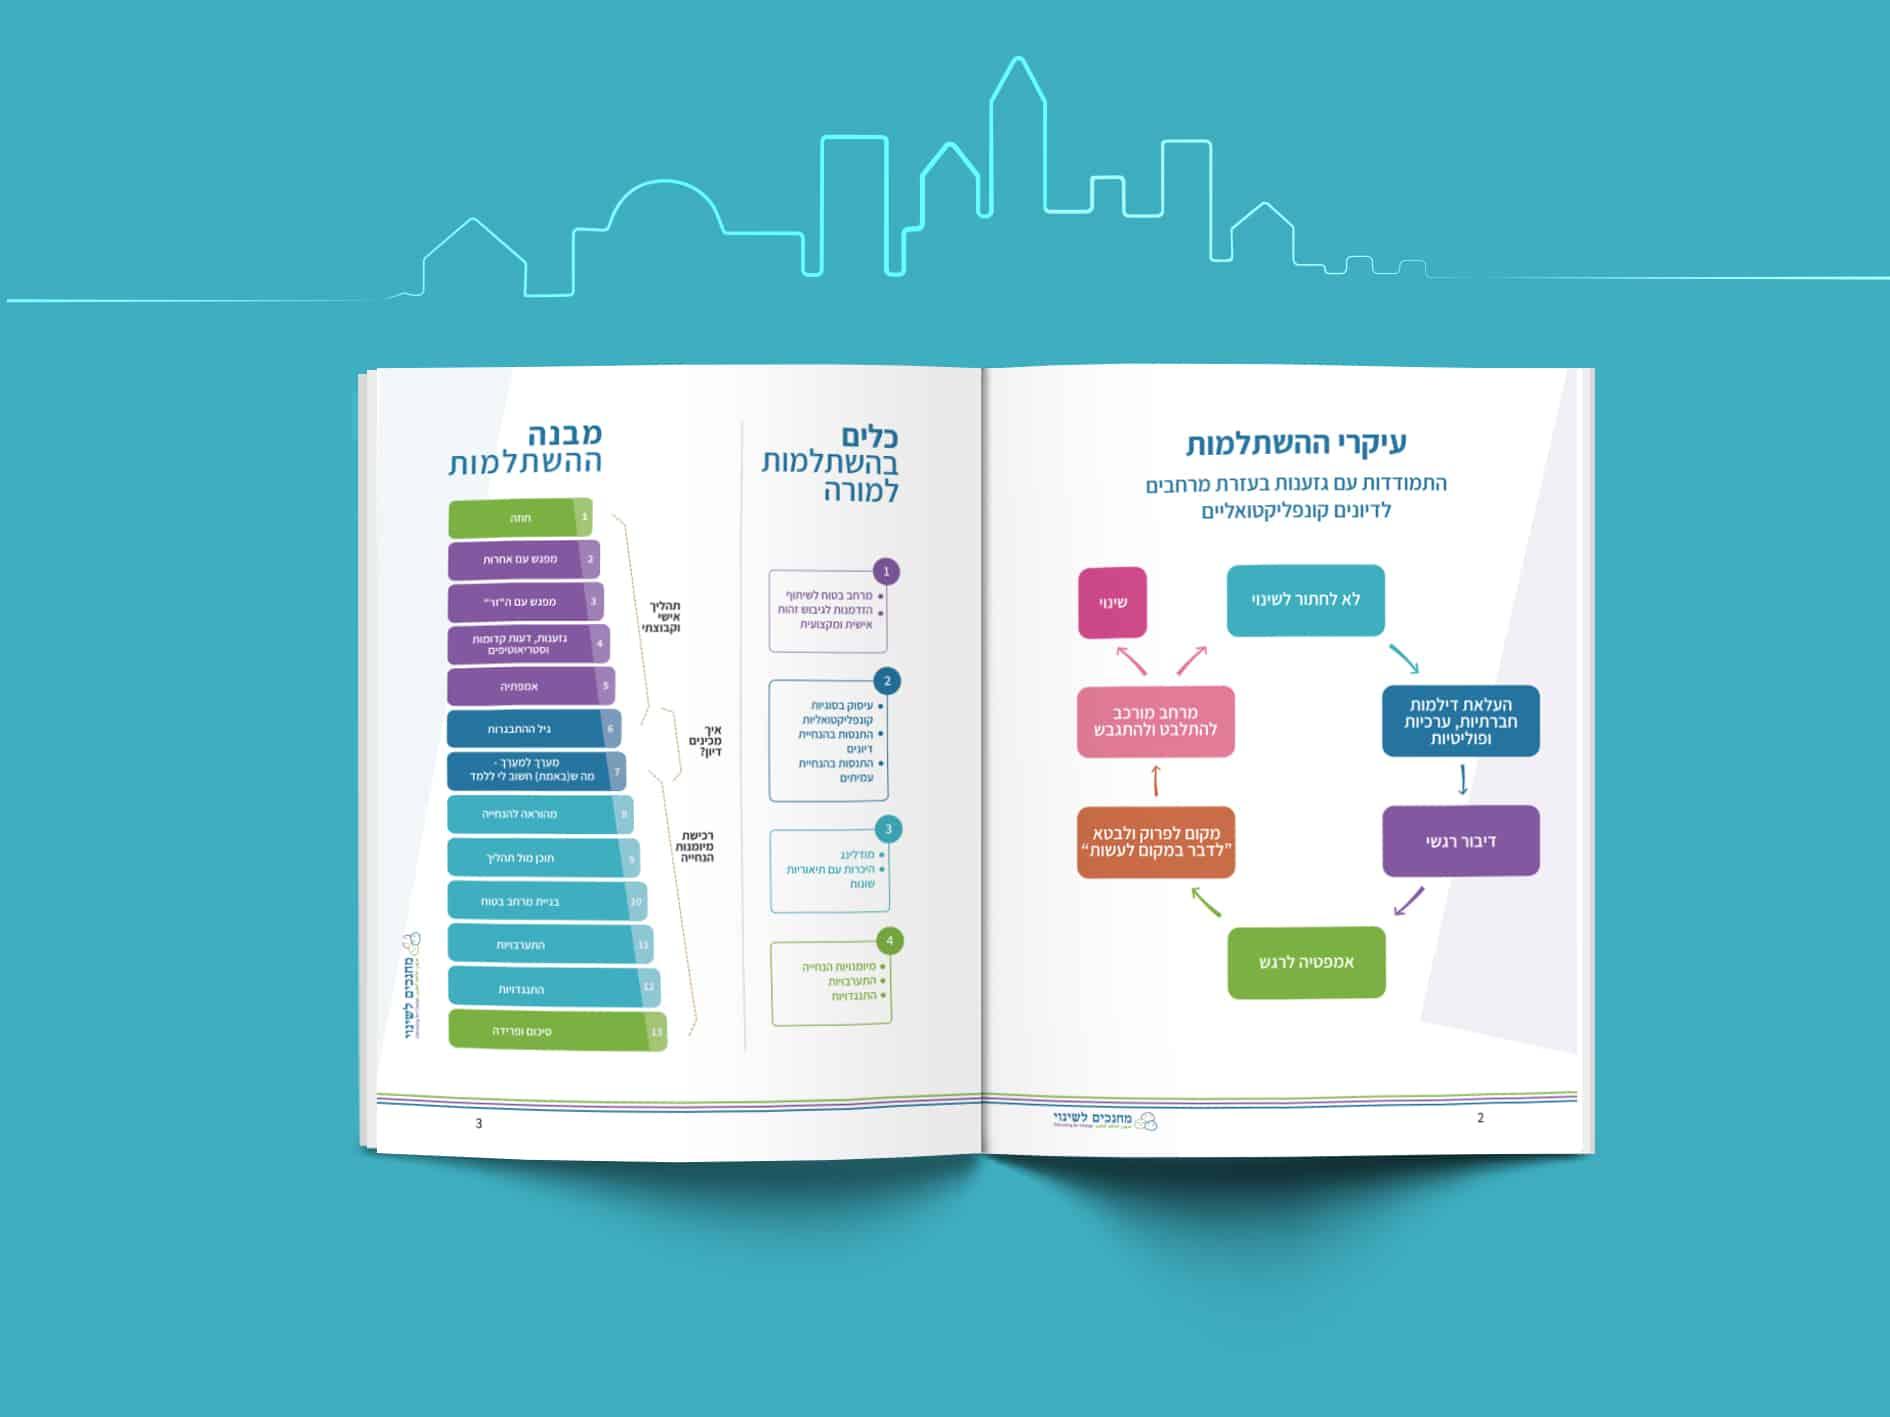 עיצוב ומיתוג חוברת לימוד מחנכים לשינוי